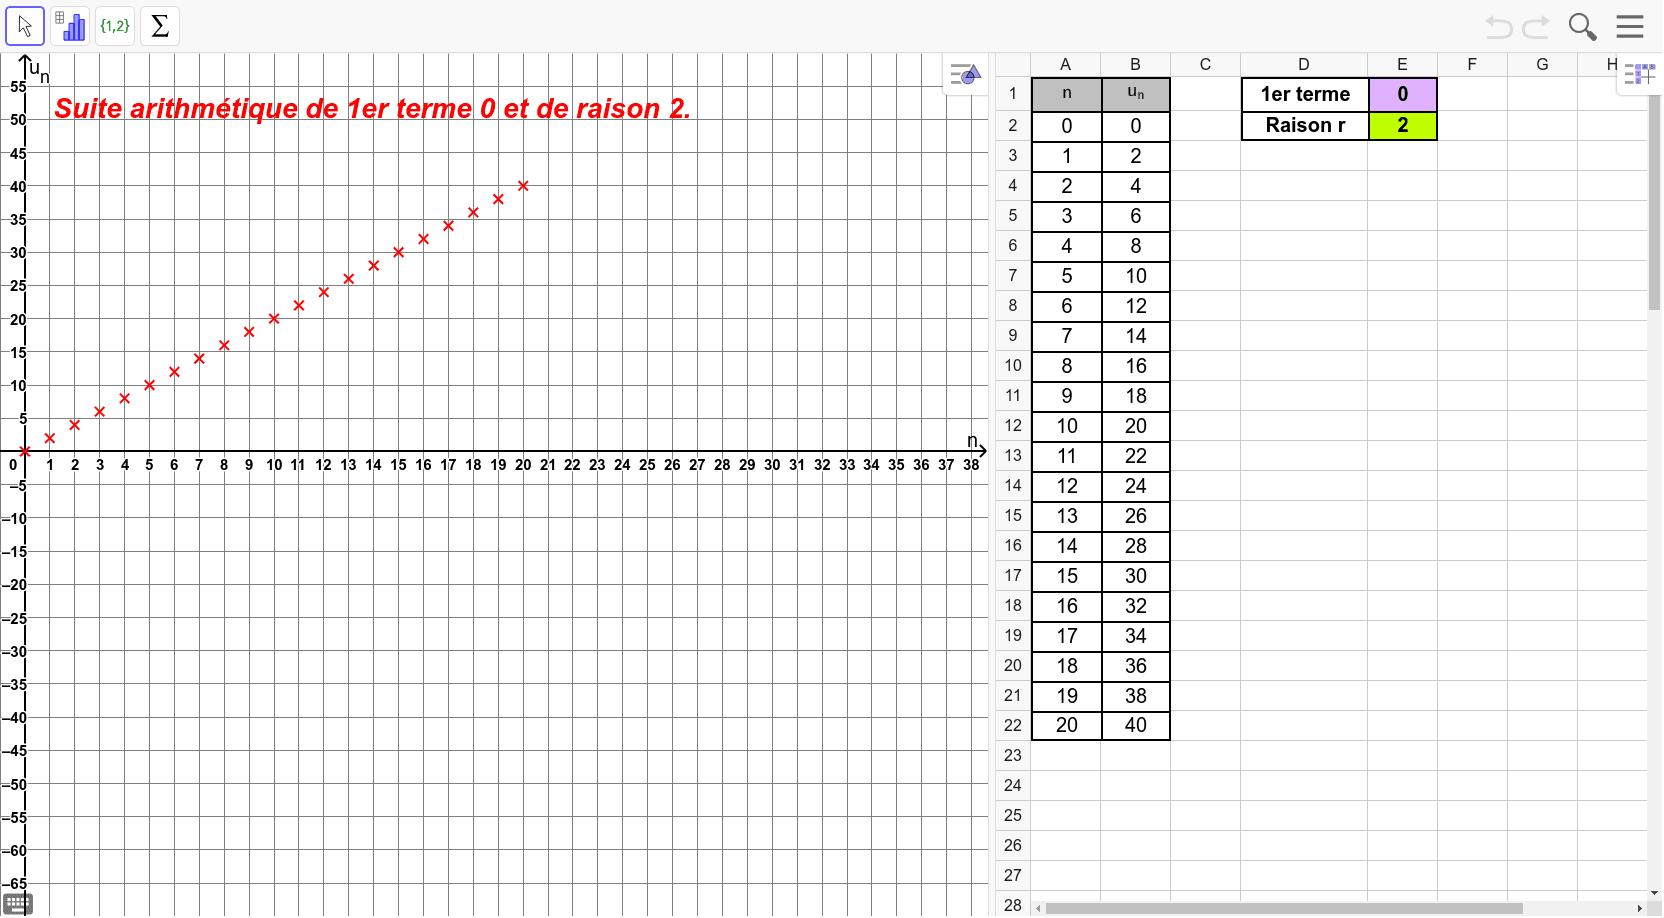 """Changer la valeur du 1er terme et / ou de la raison r (cases colorées). Enlever / ajouter une fenêtre (Menu / Affichage). Tapez """"Entrée"""" pour démarrer l'activité"""